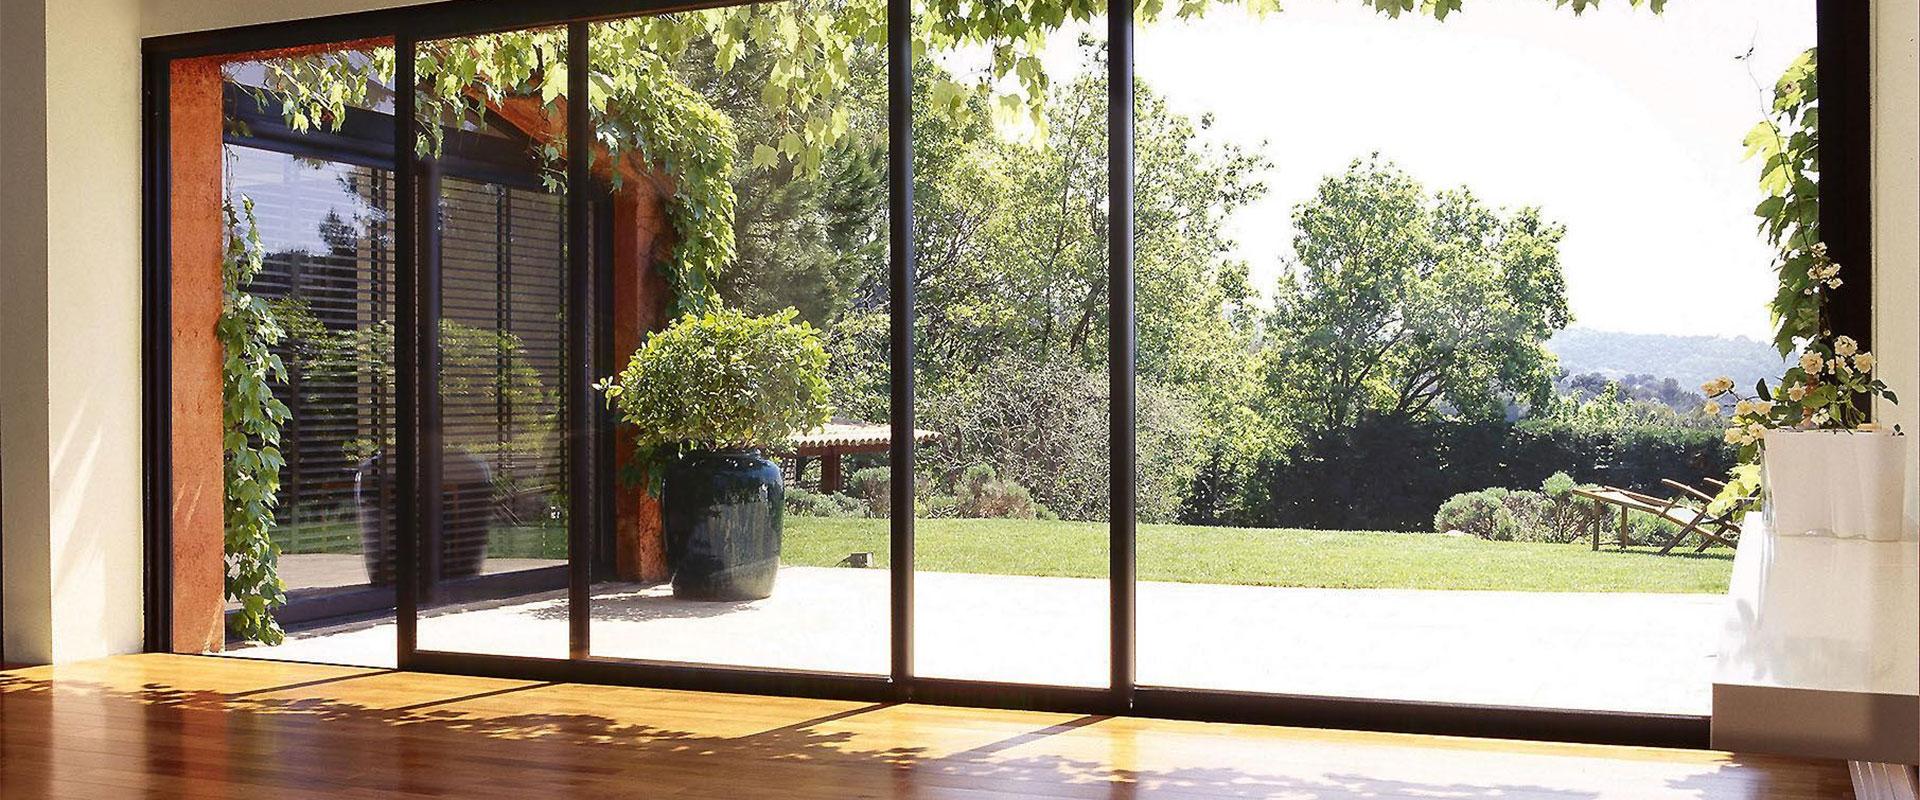 ventanas-correderas